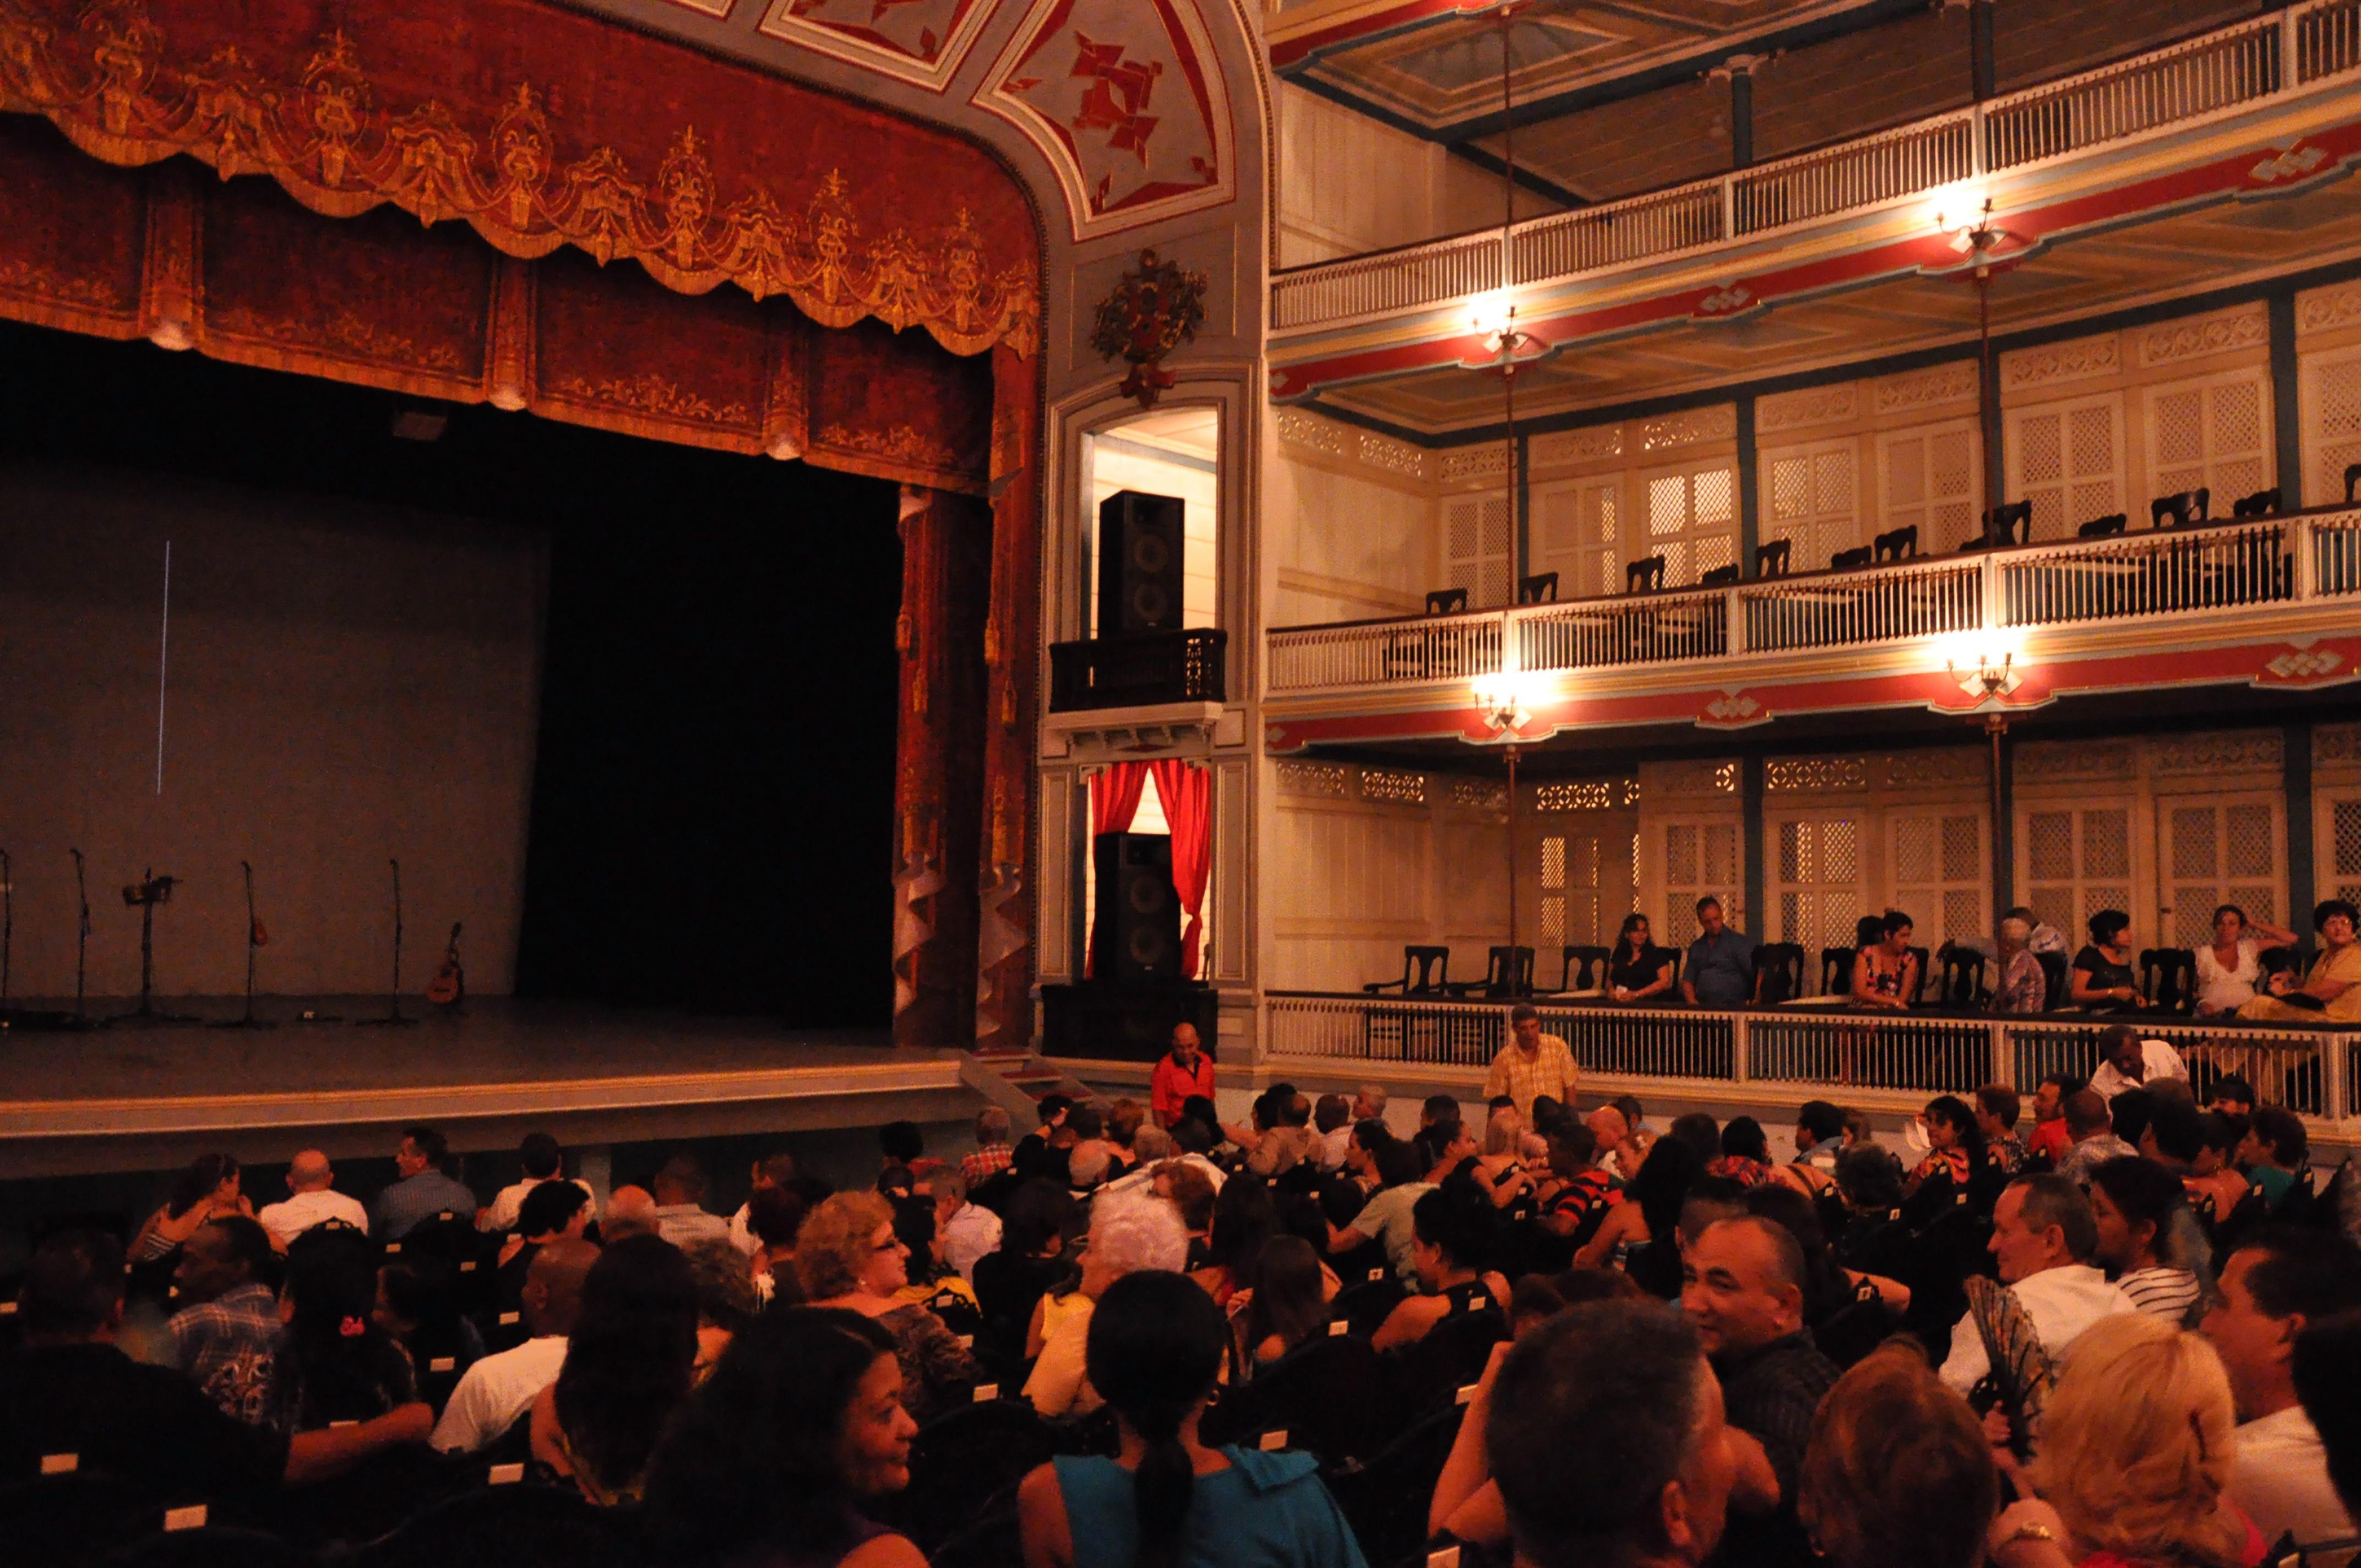 Theatre La Caridad in Santa Clara.